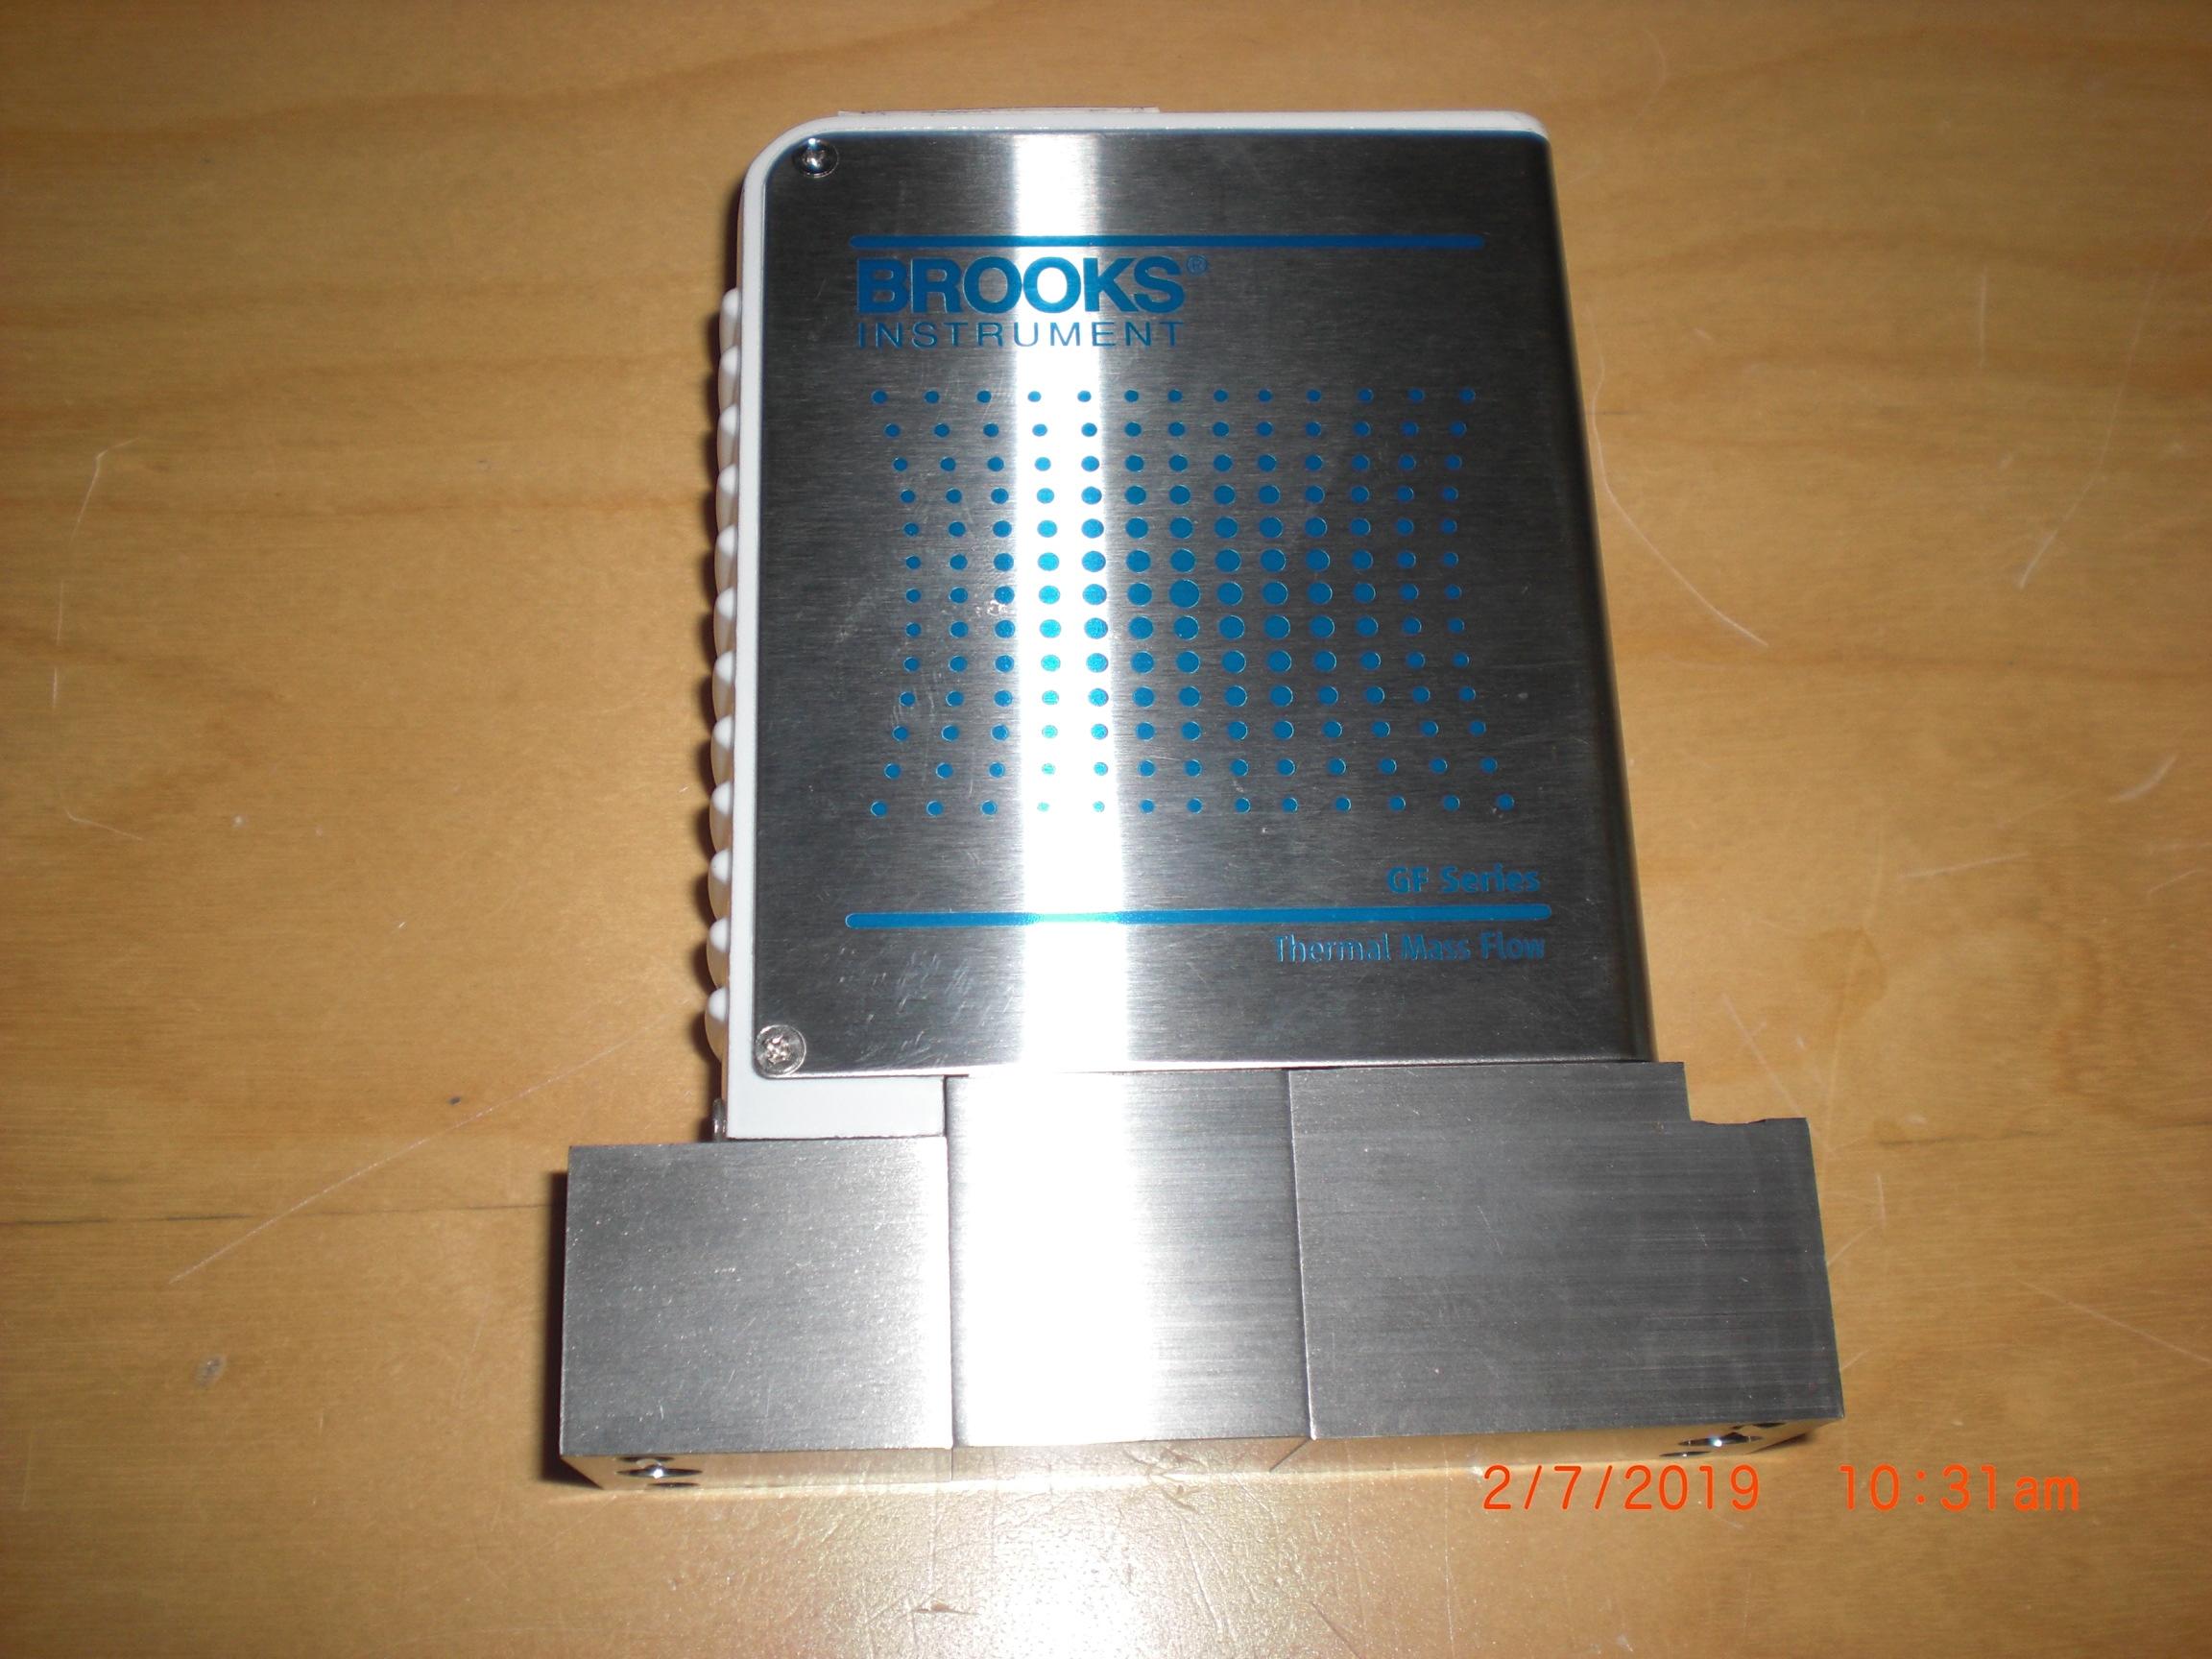 MFC Brooks - Celerity GF125C-NF3-100sscm